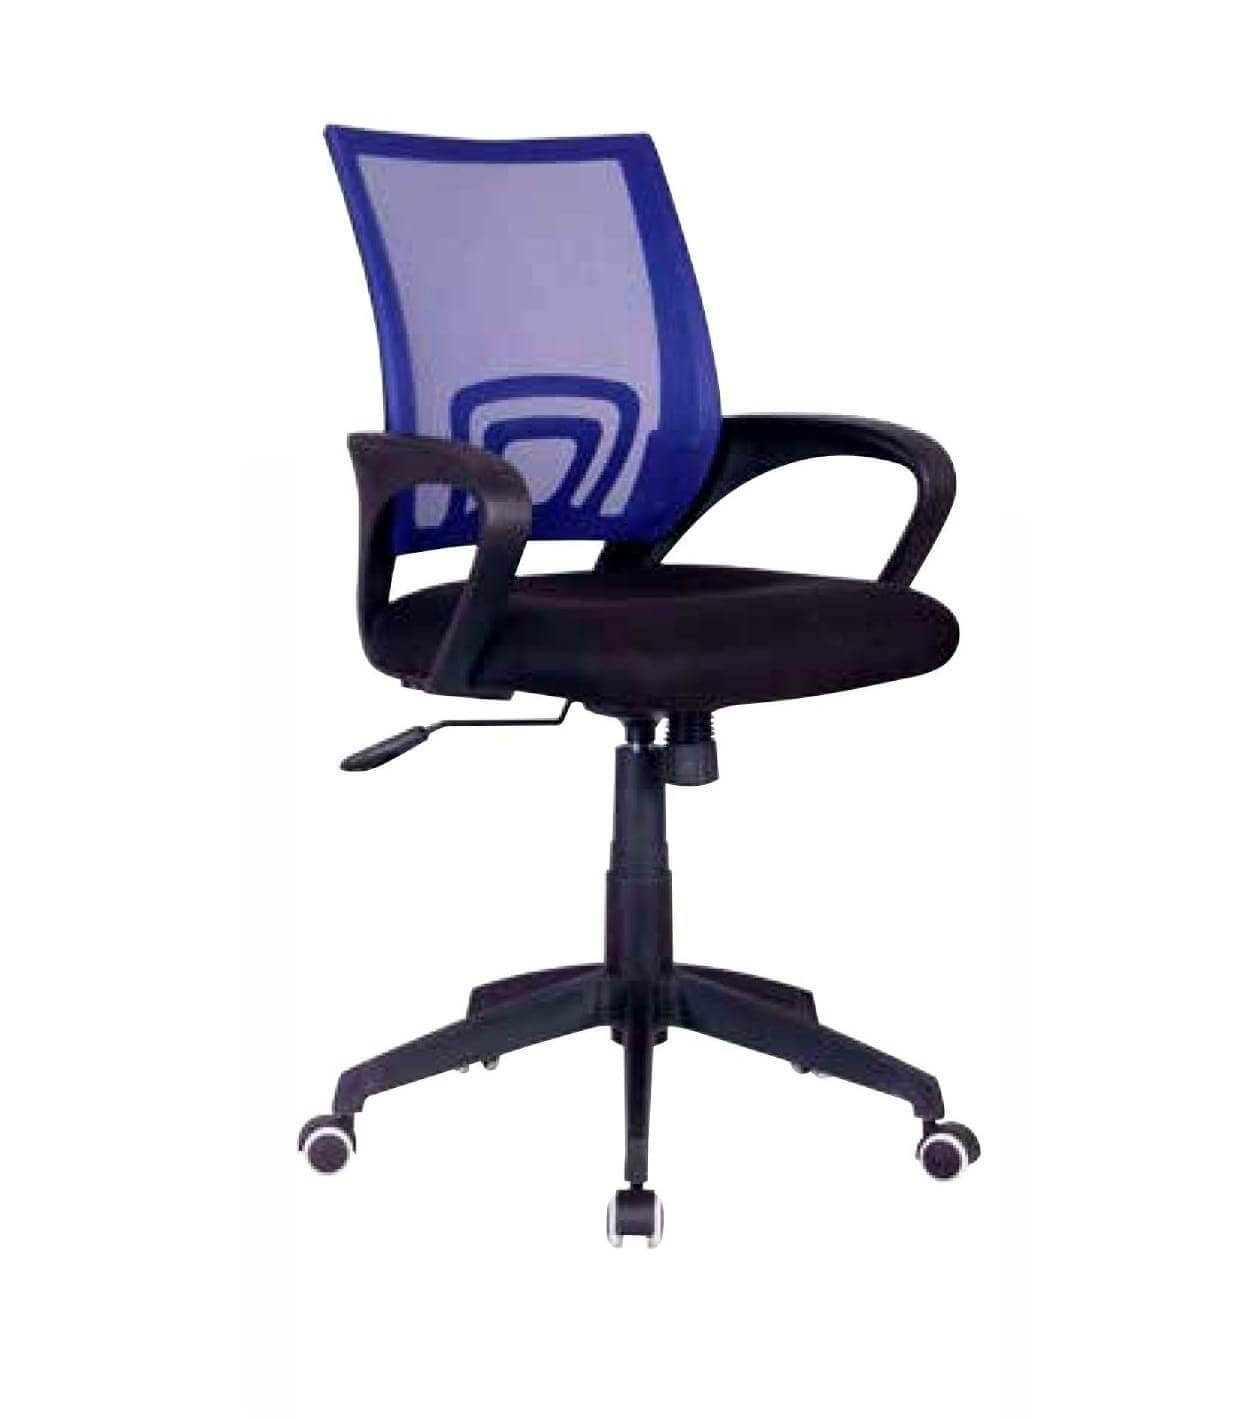 silla de oficina con ruedas 999 111 - Cómo amueblar una habitación o despacho de estudio